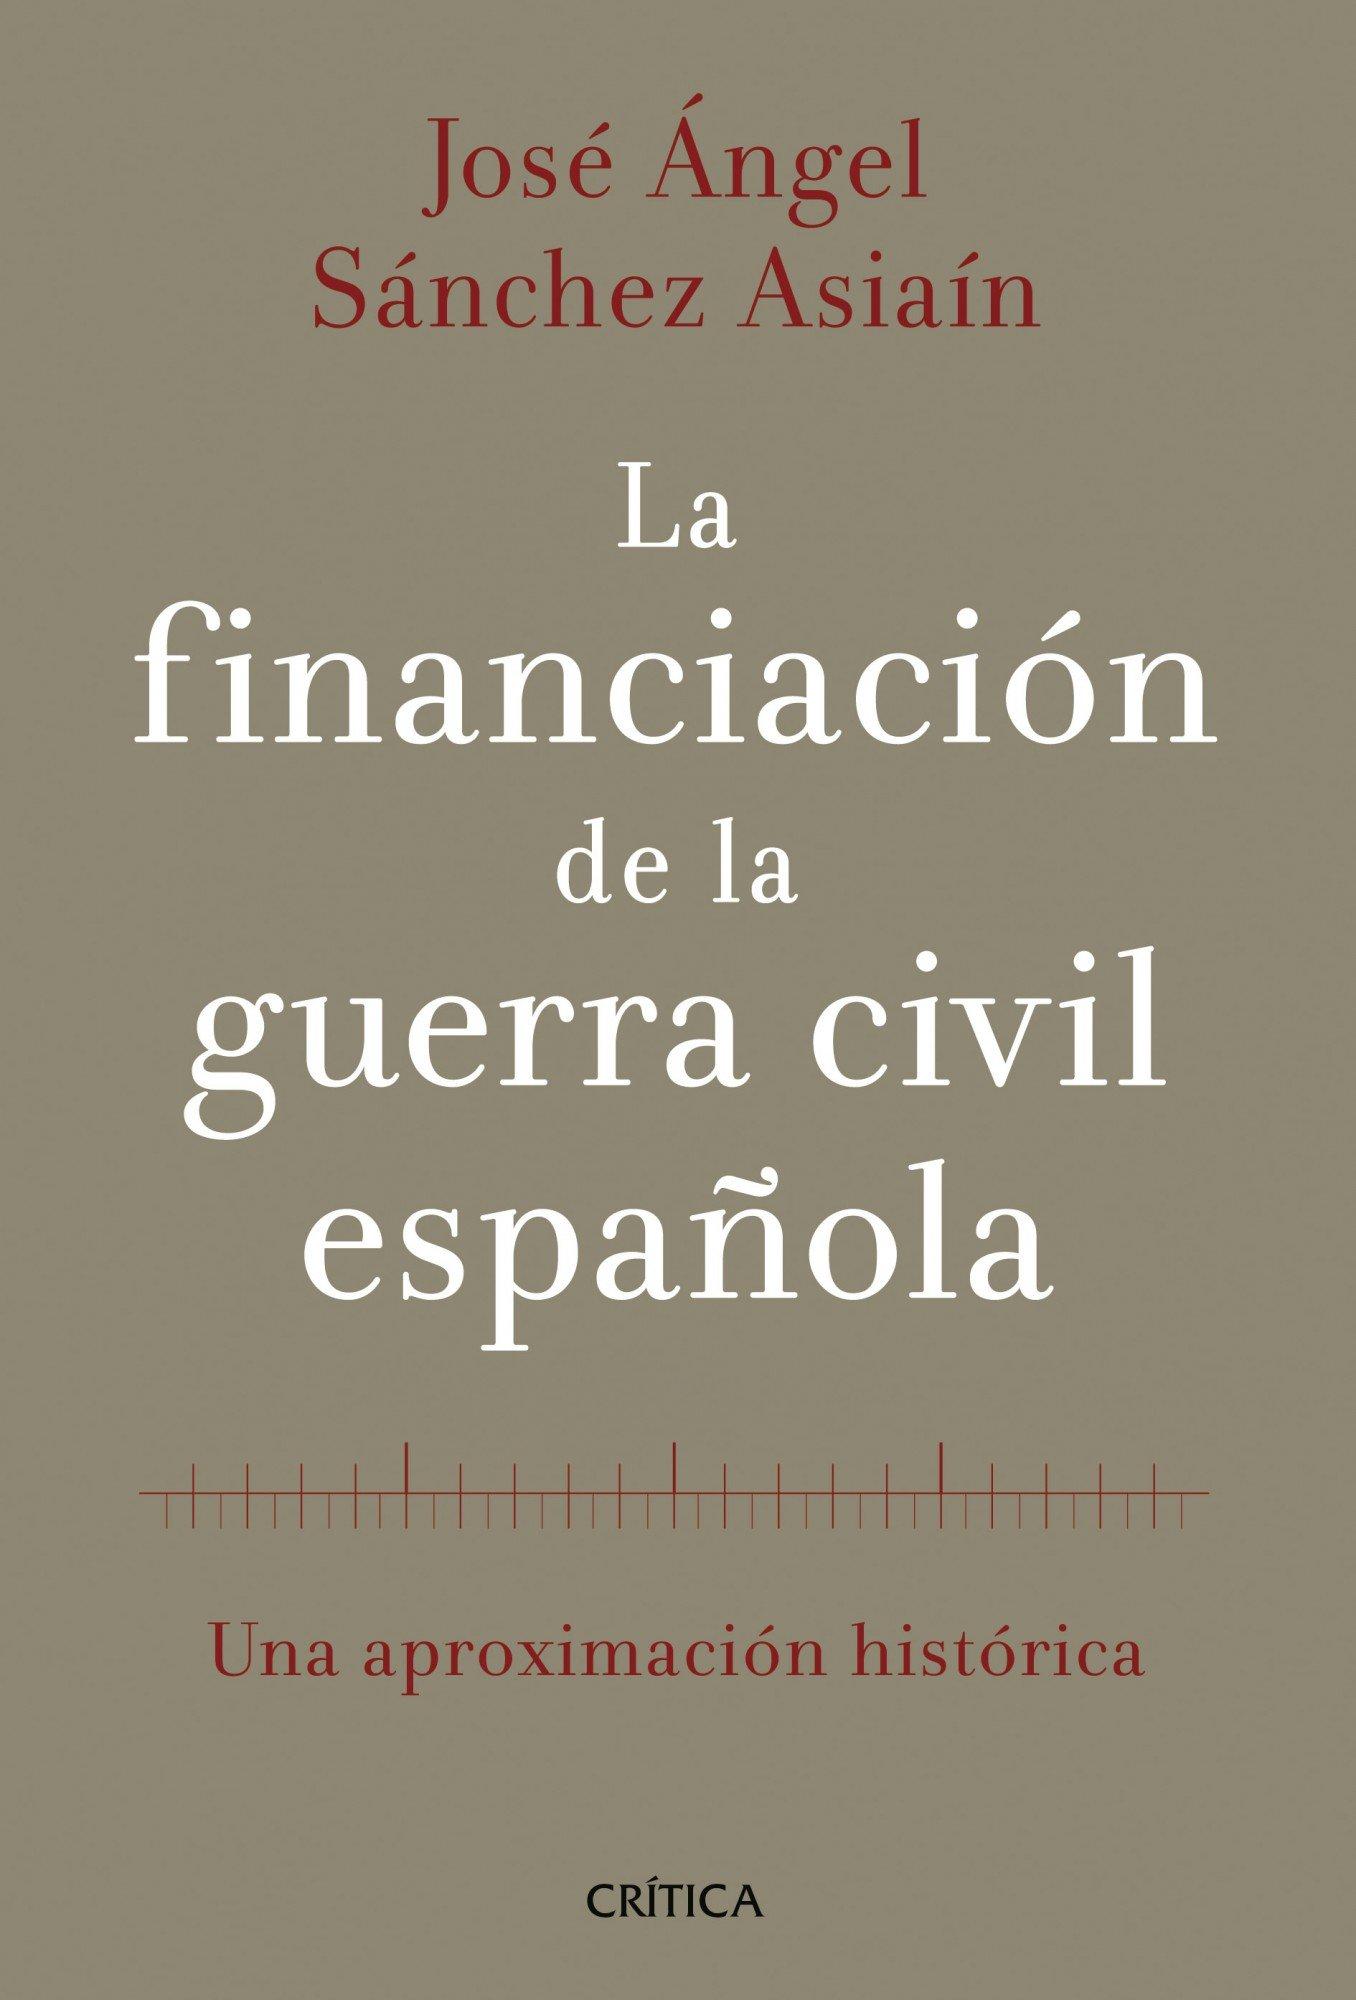 La financiación de la guerra civil española: Una aproximación histórica Contrastes: Amazon.es: Sánchez Asiaín, José Ángel: Libros